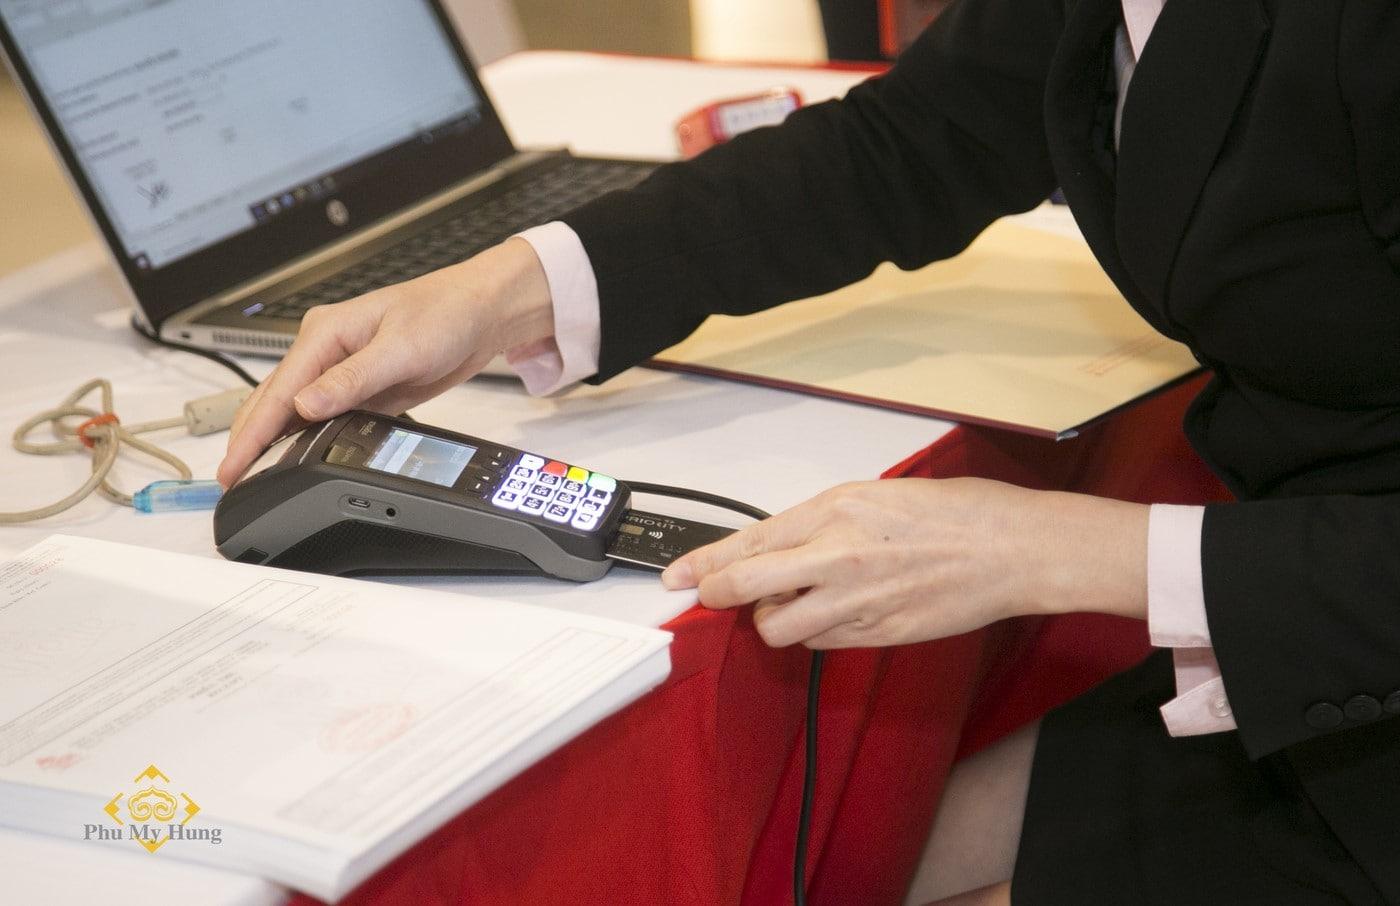 Việc thanh toán qua thẻ, internet banking cũng được áp dụng để mang đến sự thuận tiện cao nhất cho khách hàng.